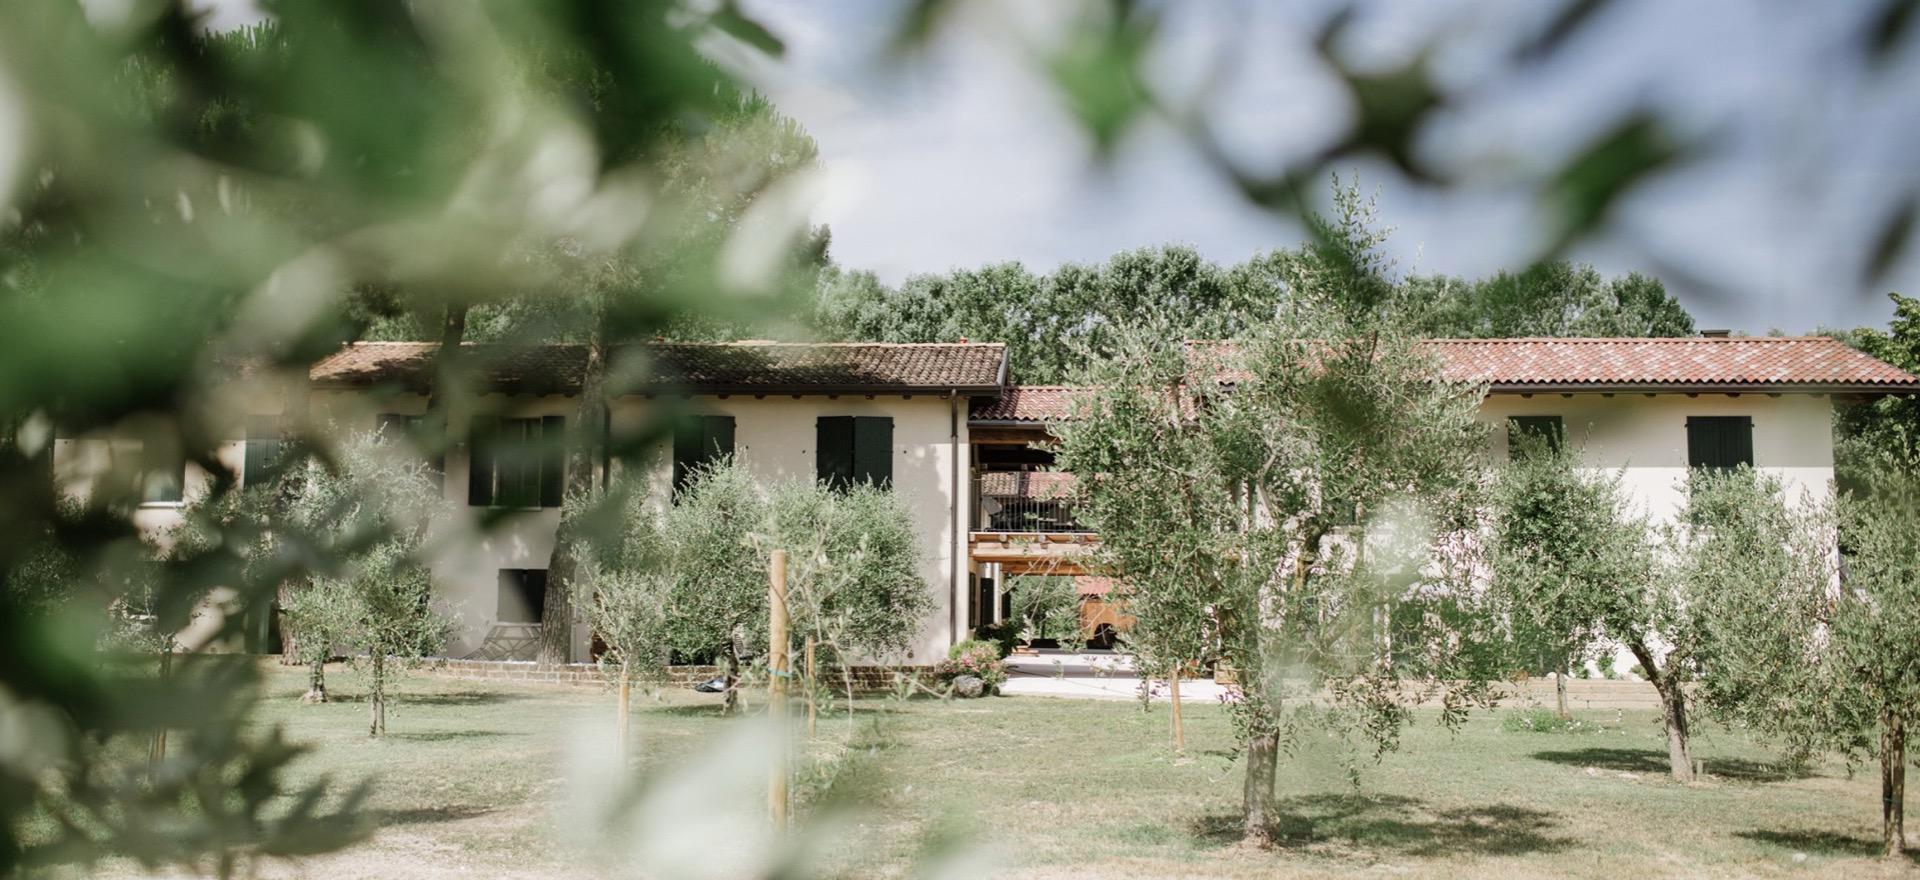 Agriturismo Gardameer, kindvriendelijk en centrale ligging